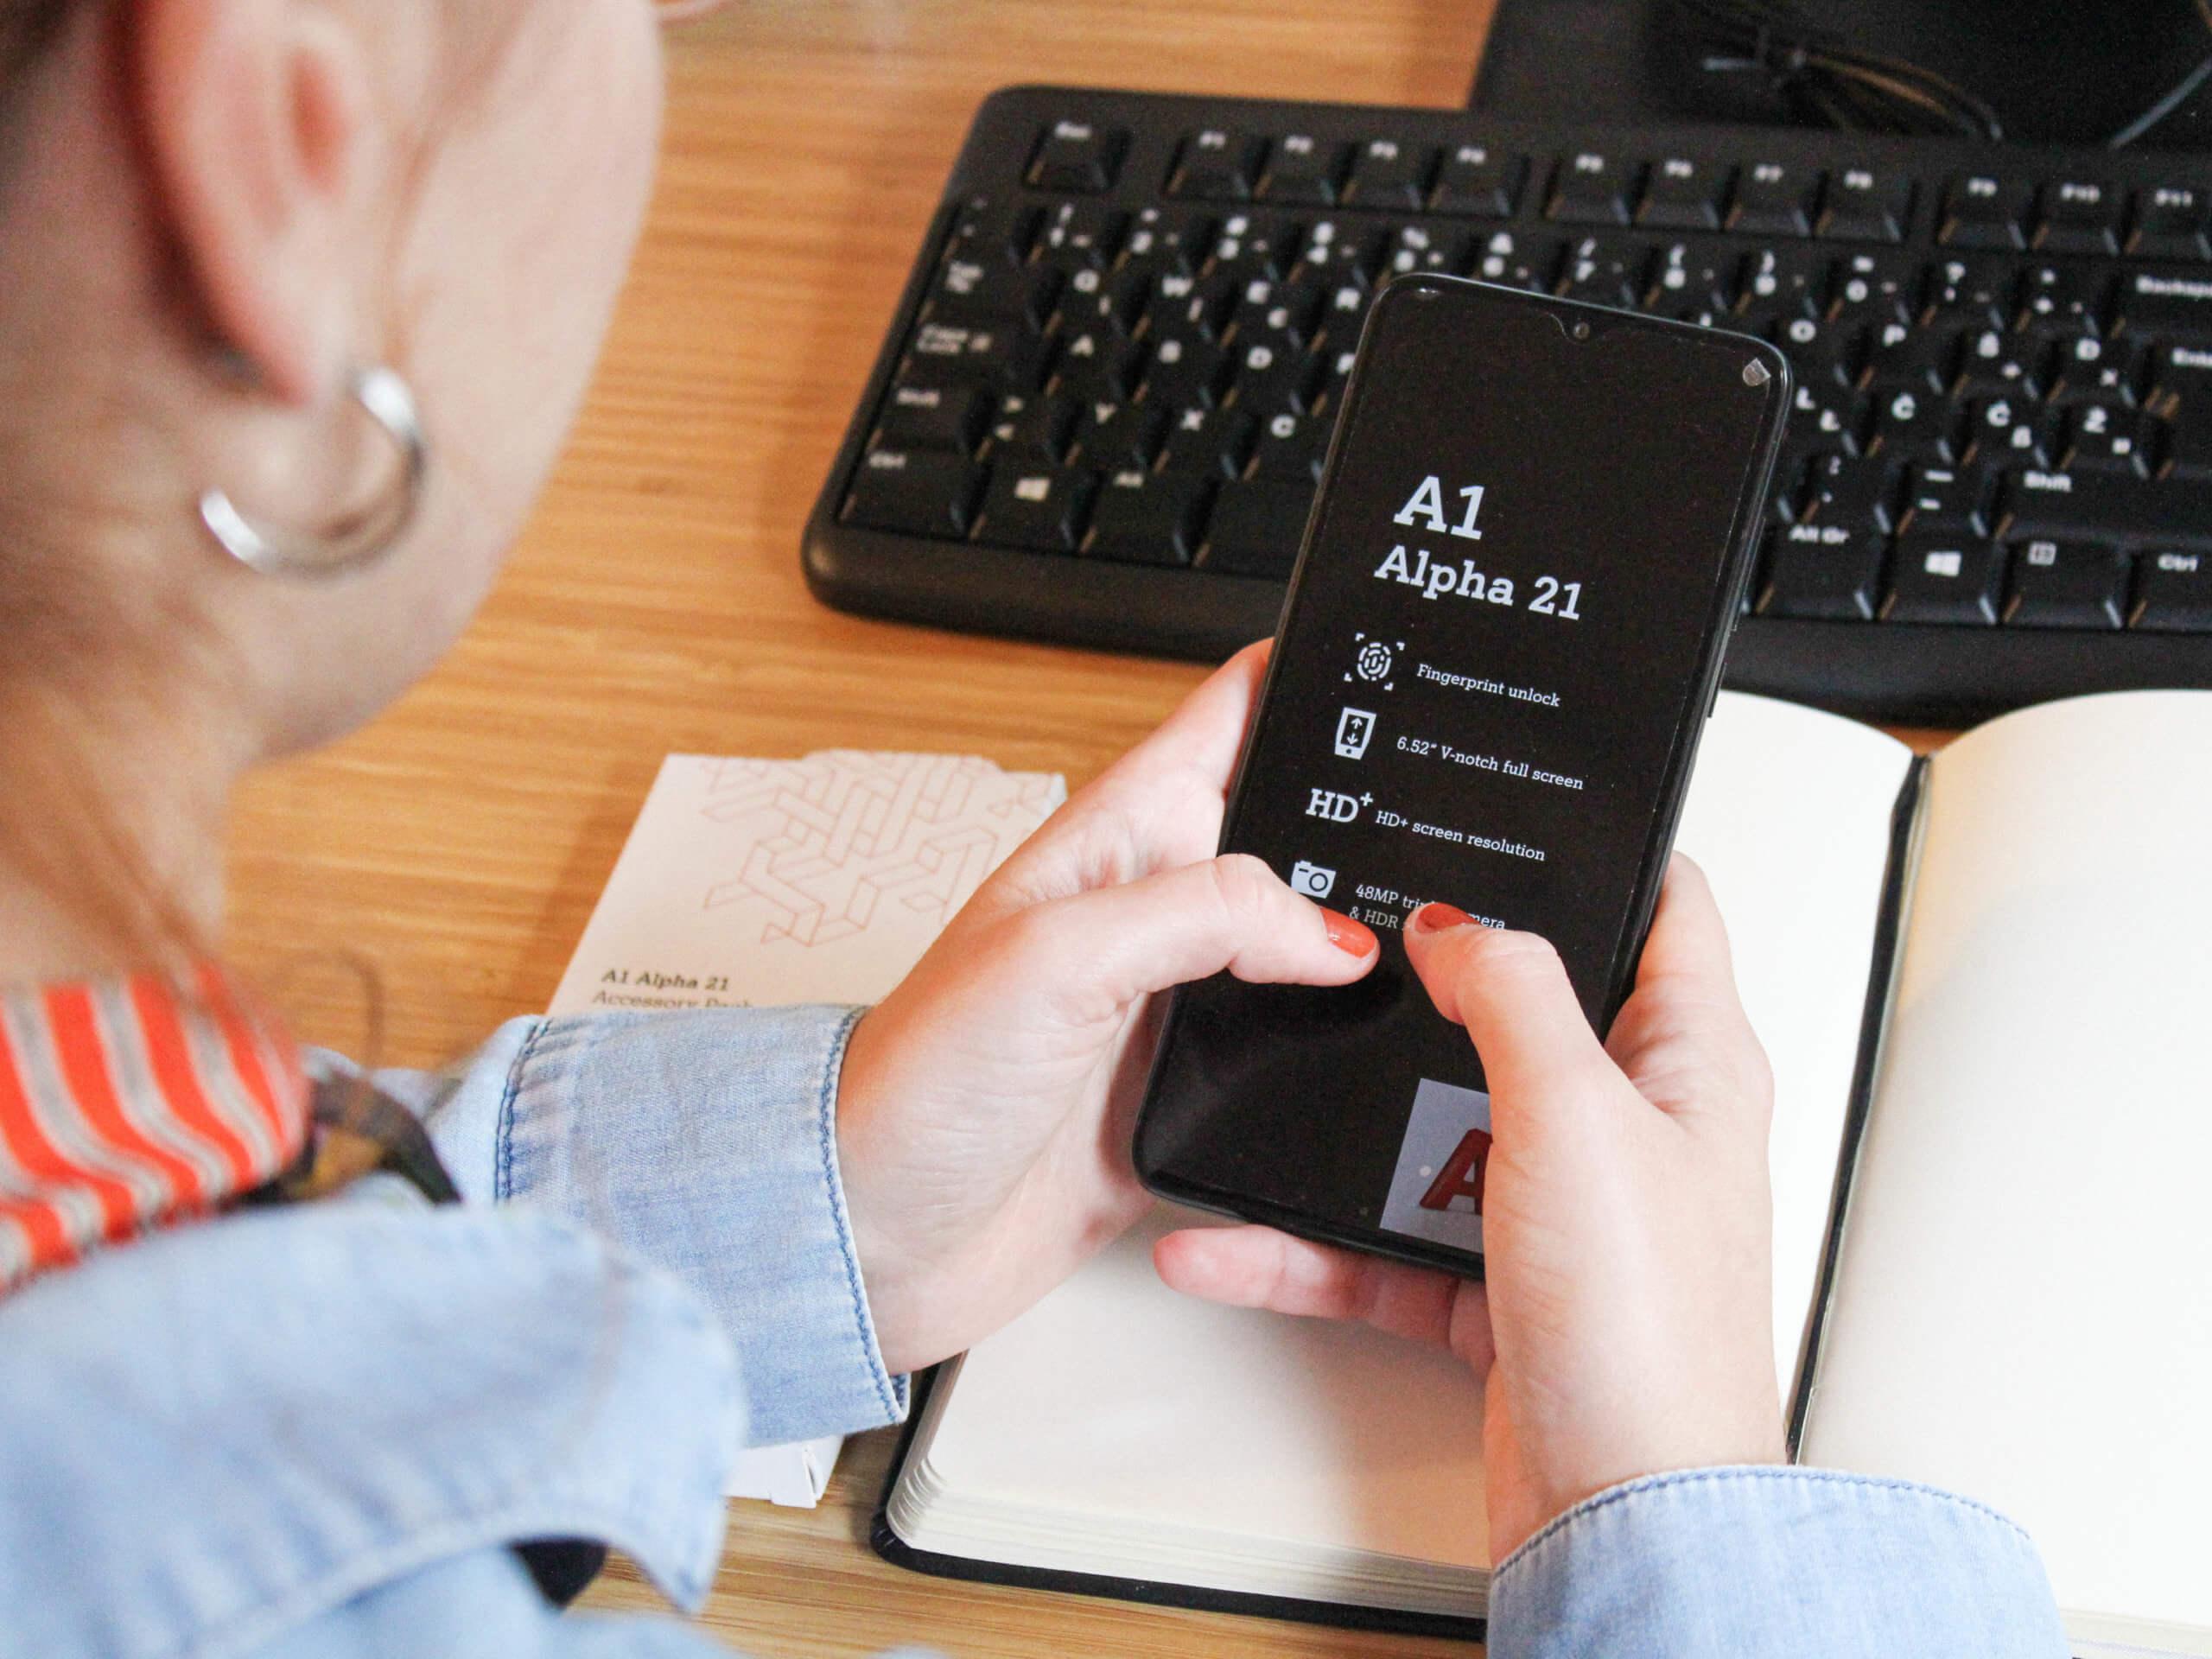 Isprobala sam mobitel koji košta 9 kn: Je li novi A1 Alpha 21 položio ispit cjelodnevnog korištenja?